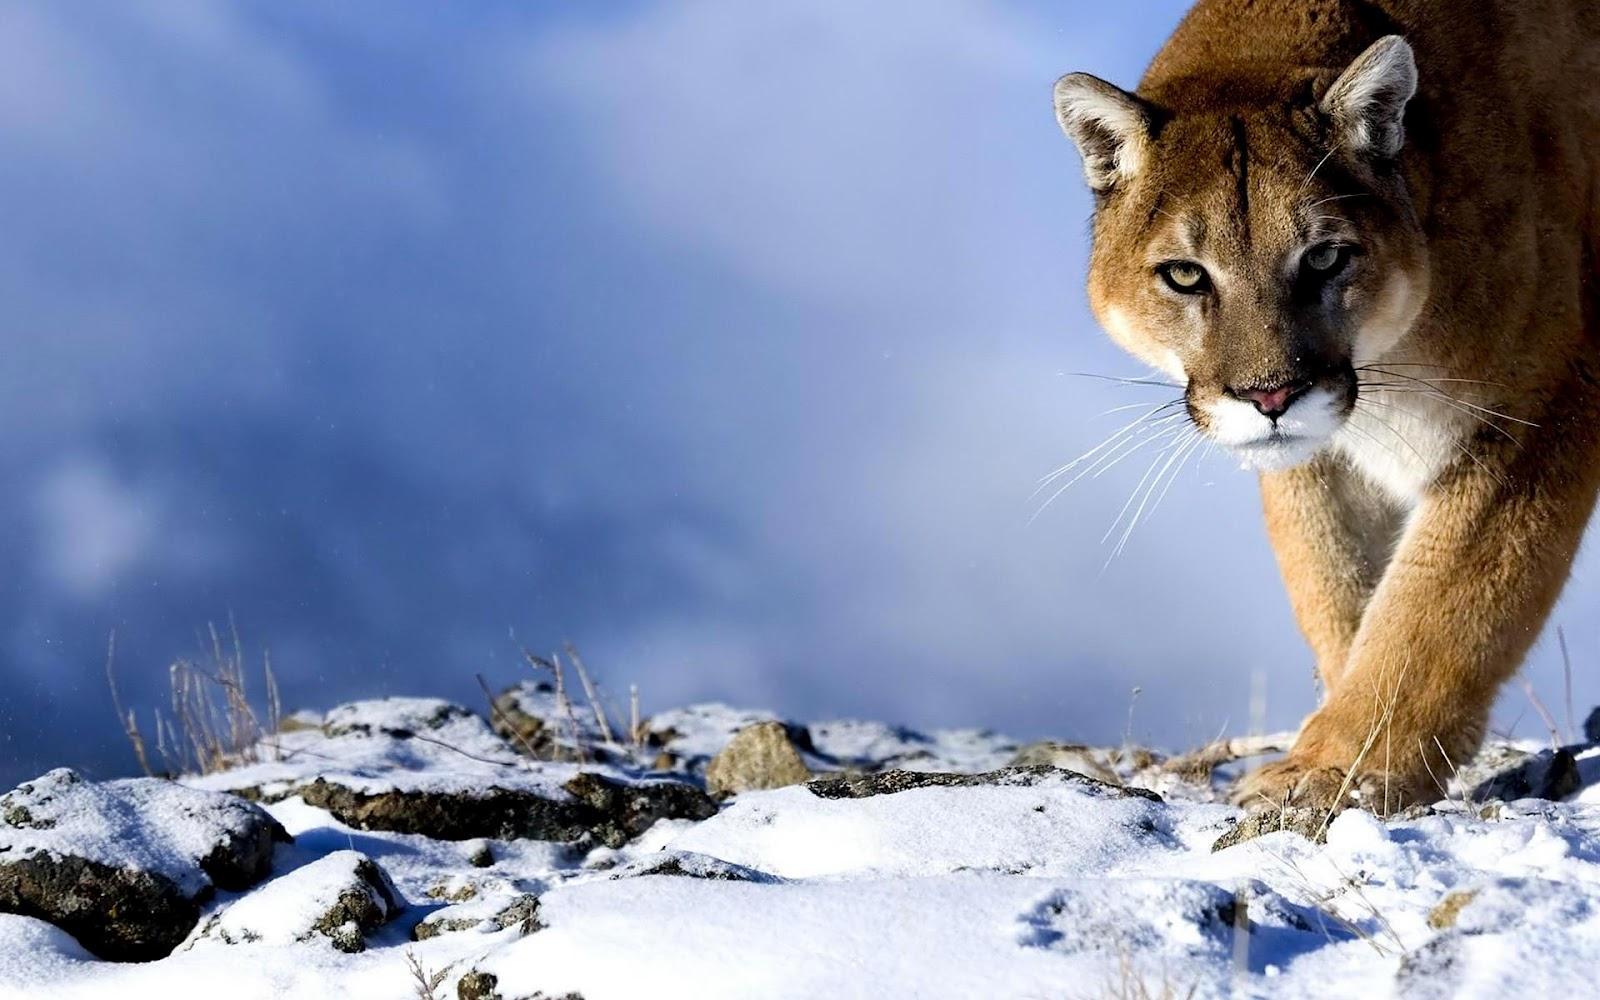 http://4.bp.blogspot.com/-tMcsvpgxWZE/UA3sPwCkgGI/AAAAAAAAFhk/wdyJ_hUDntg/s1600/Puma-HD-Wallpaper.jpg